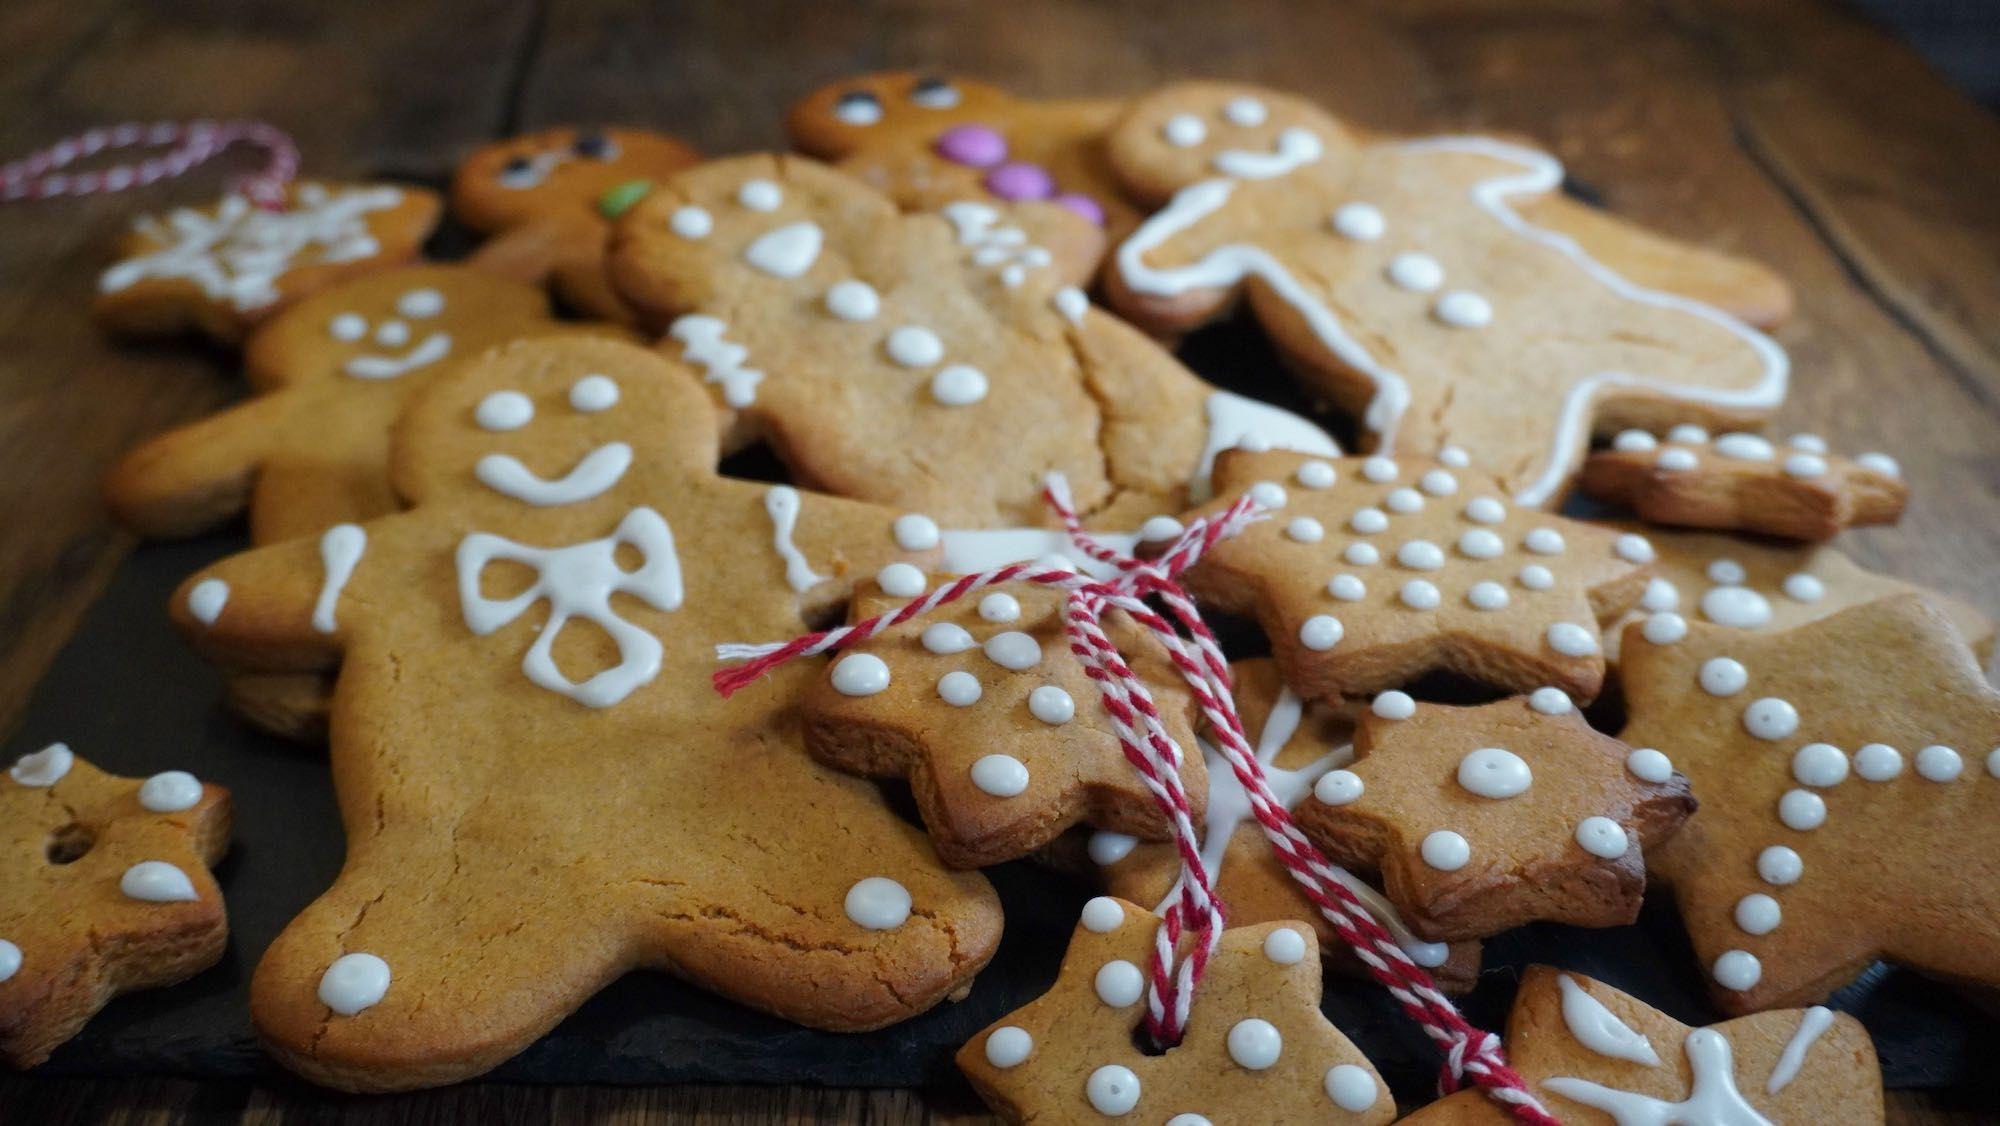 How to Make Spelt Flour Gingerbread – no eggs, no molasses